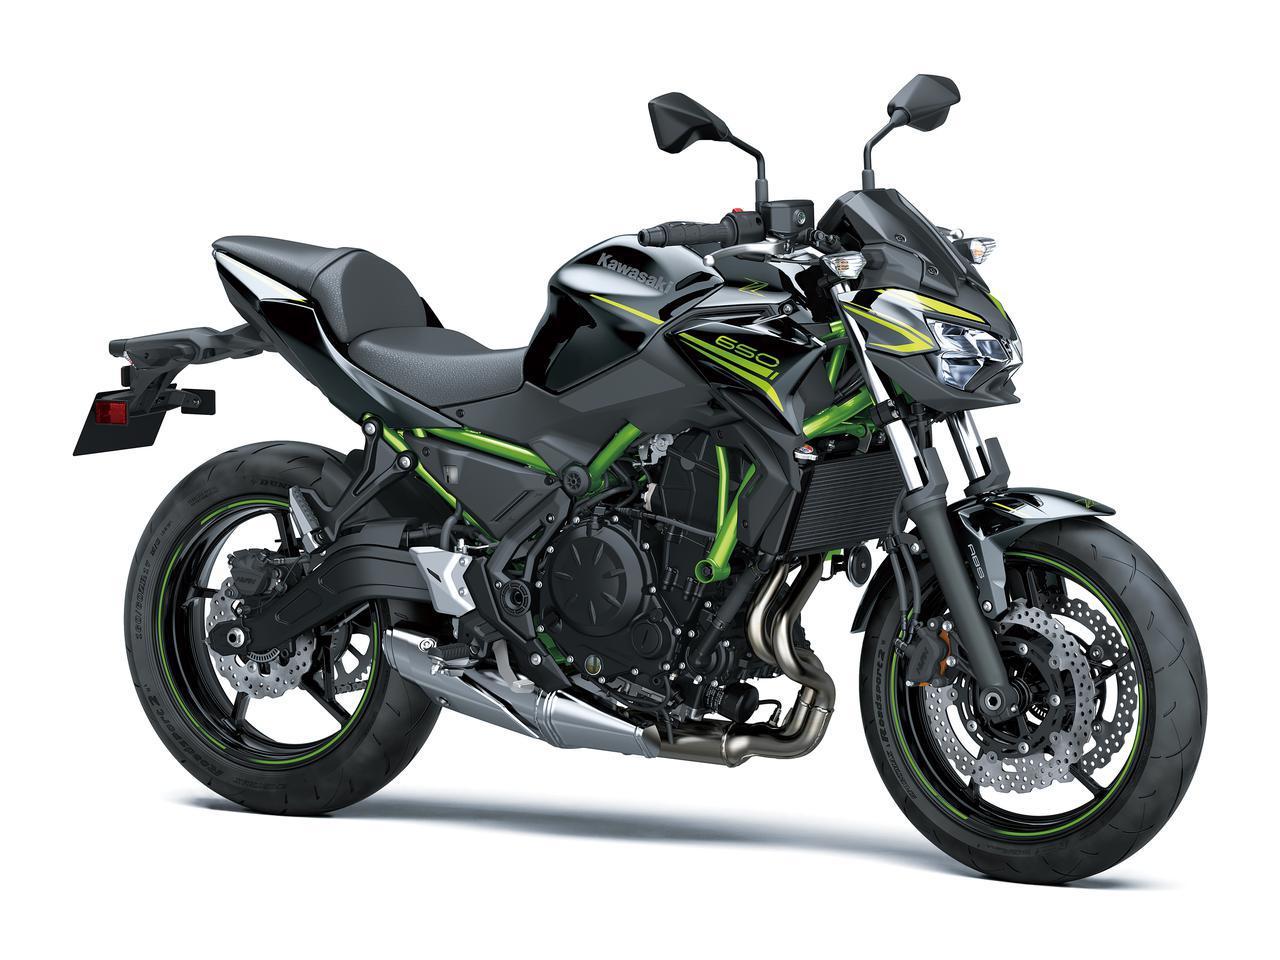 画像: Kawasaki Z650 総排気量:649cc エンジン形式:水冷4ストDOHC4バルブ並列2気筒 シート高:790mm 車両重量:189kg 税込価格:84万7000円